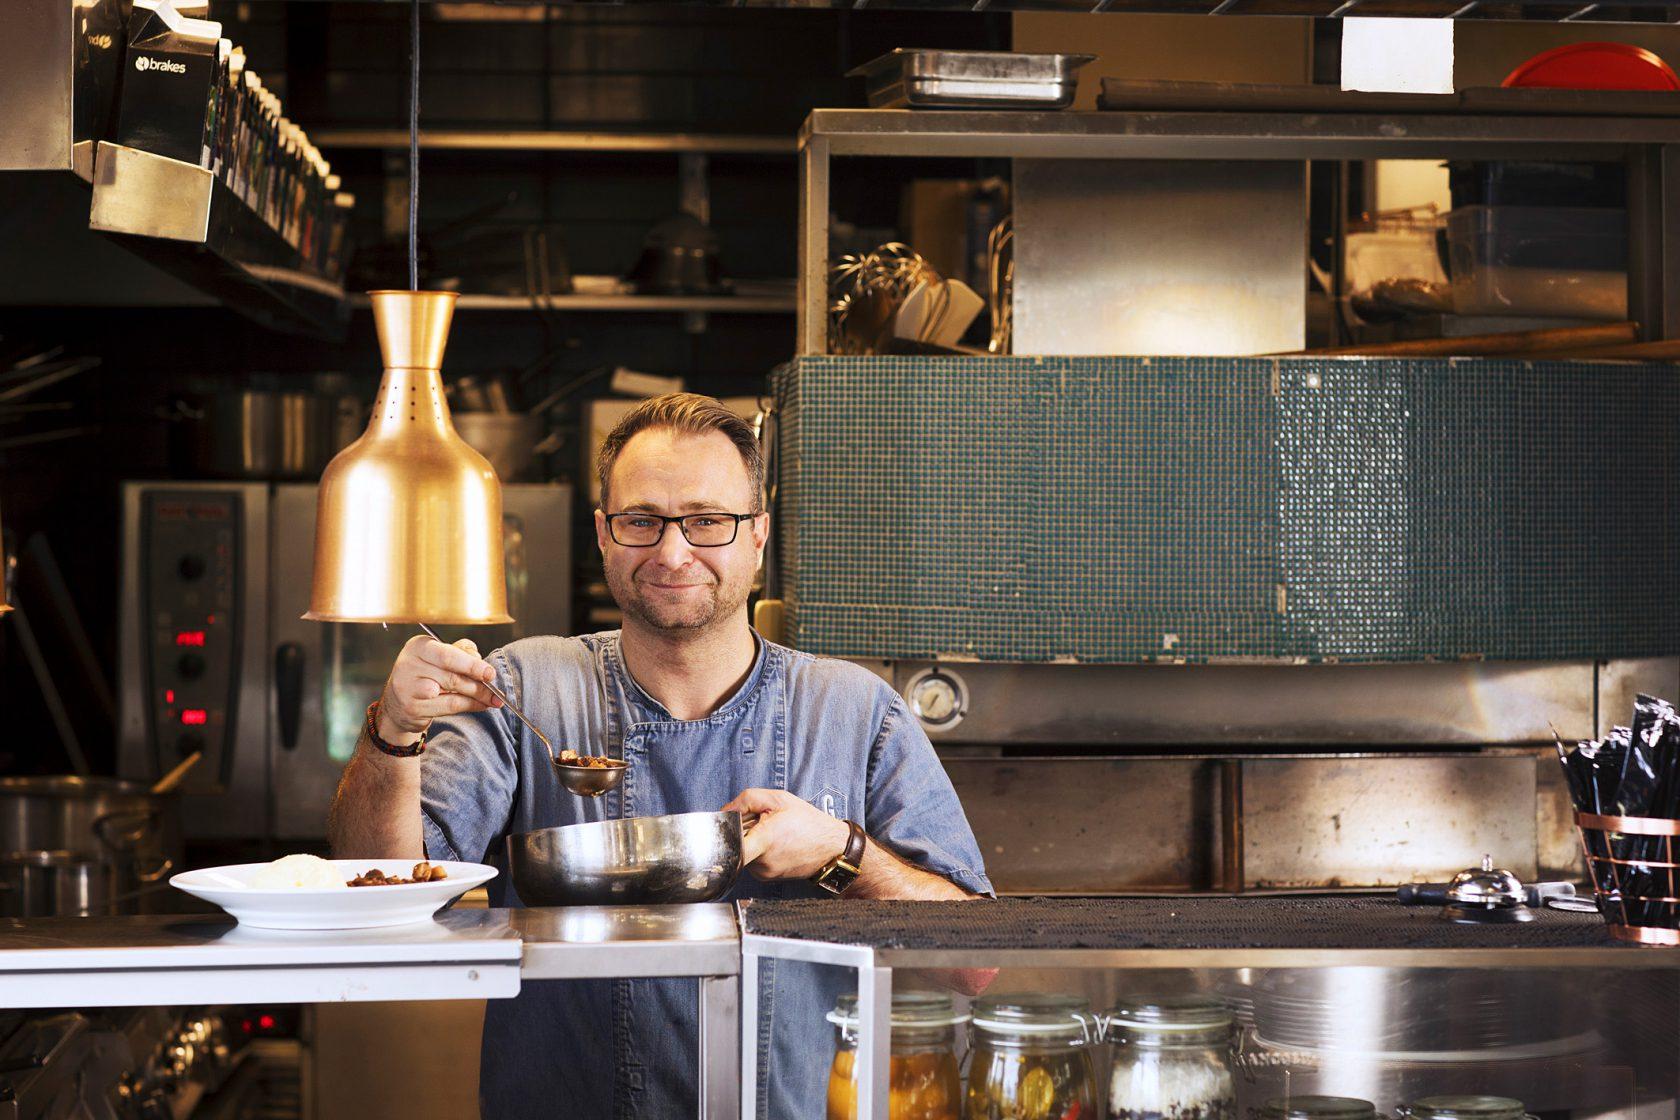 En leende man står bakom en restaurangdisk och lägger upp mat på en tallrik.